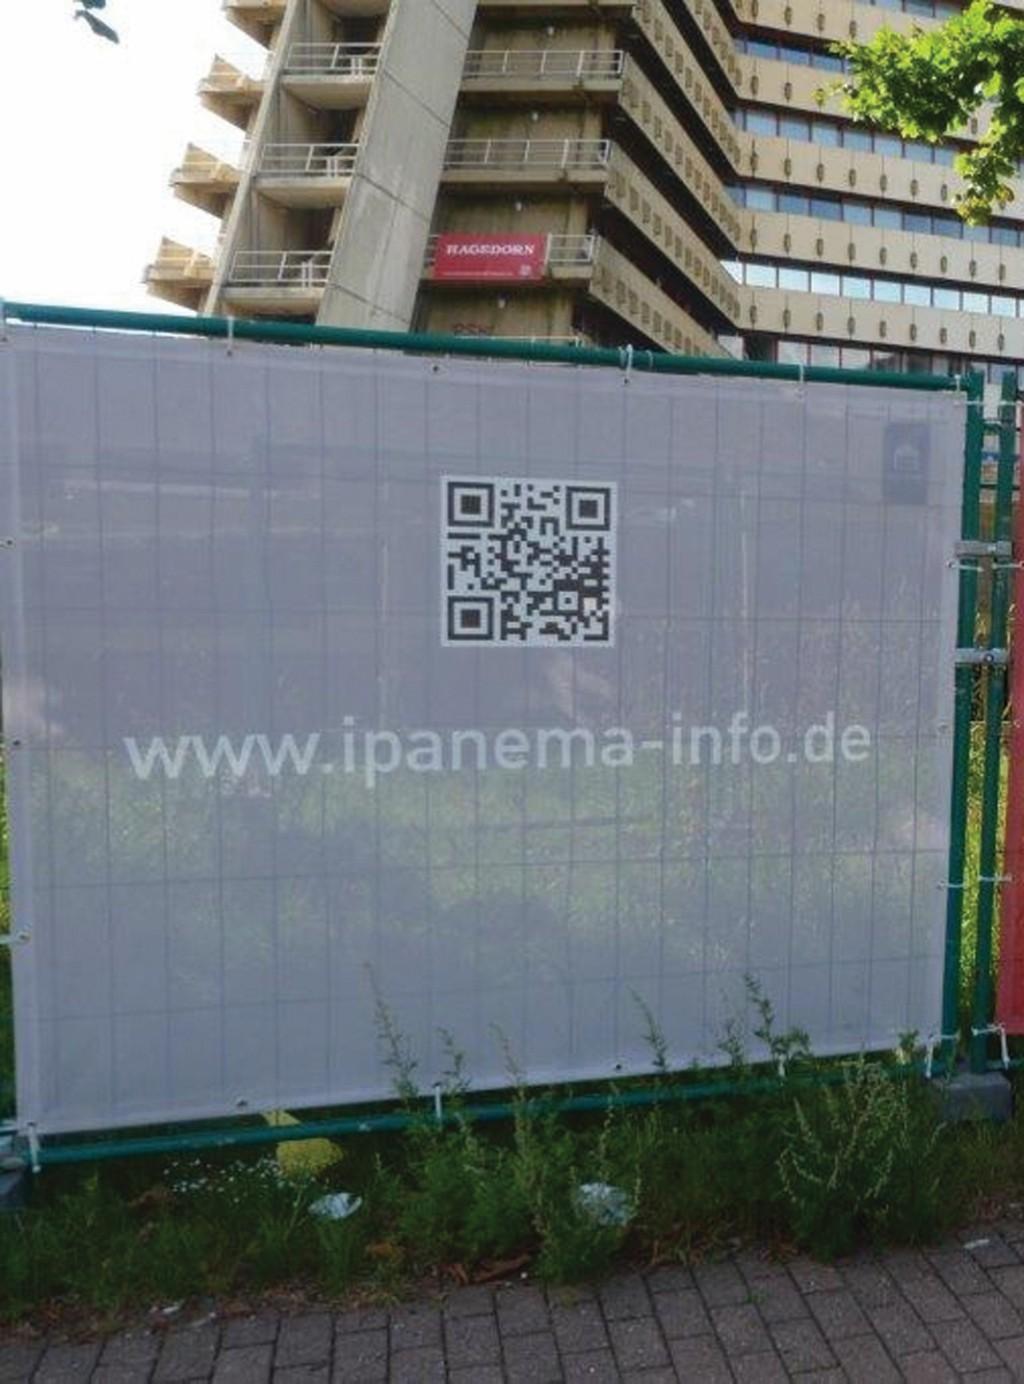 Bild 2 Hinweise am Bauzaun für weitere Informationen. Foto: konsalt GmbH